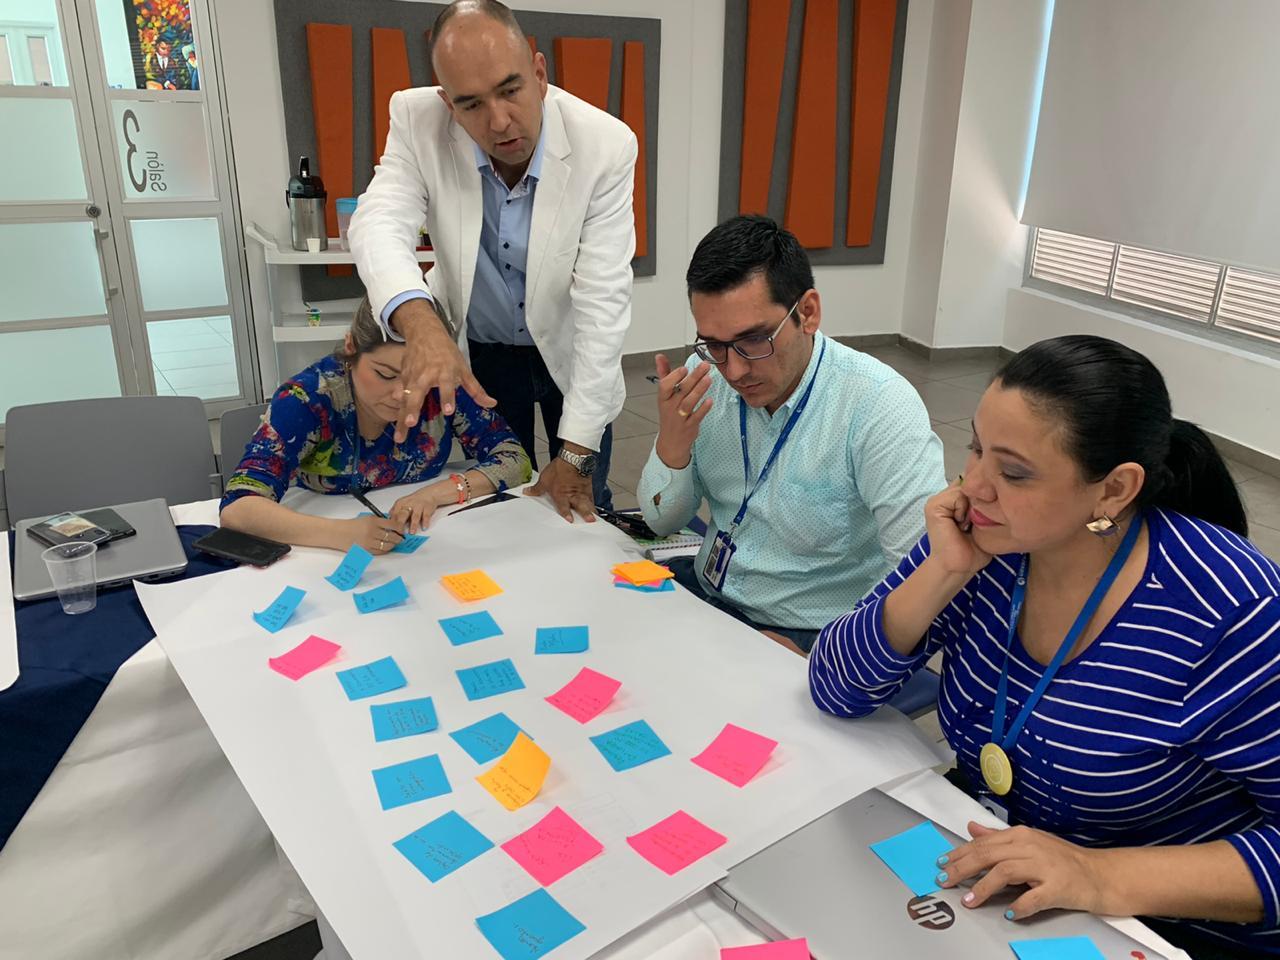 https://suricatalabs.com/wp-content/uploads/2020/03/Generamos-procesos-para-la-Innovación-Pública.jpeg